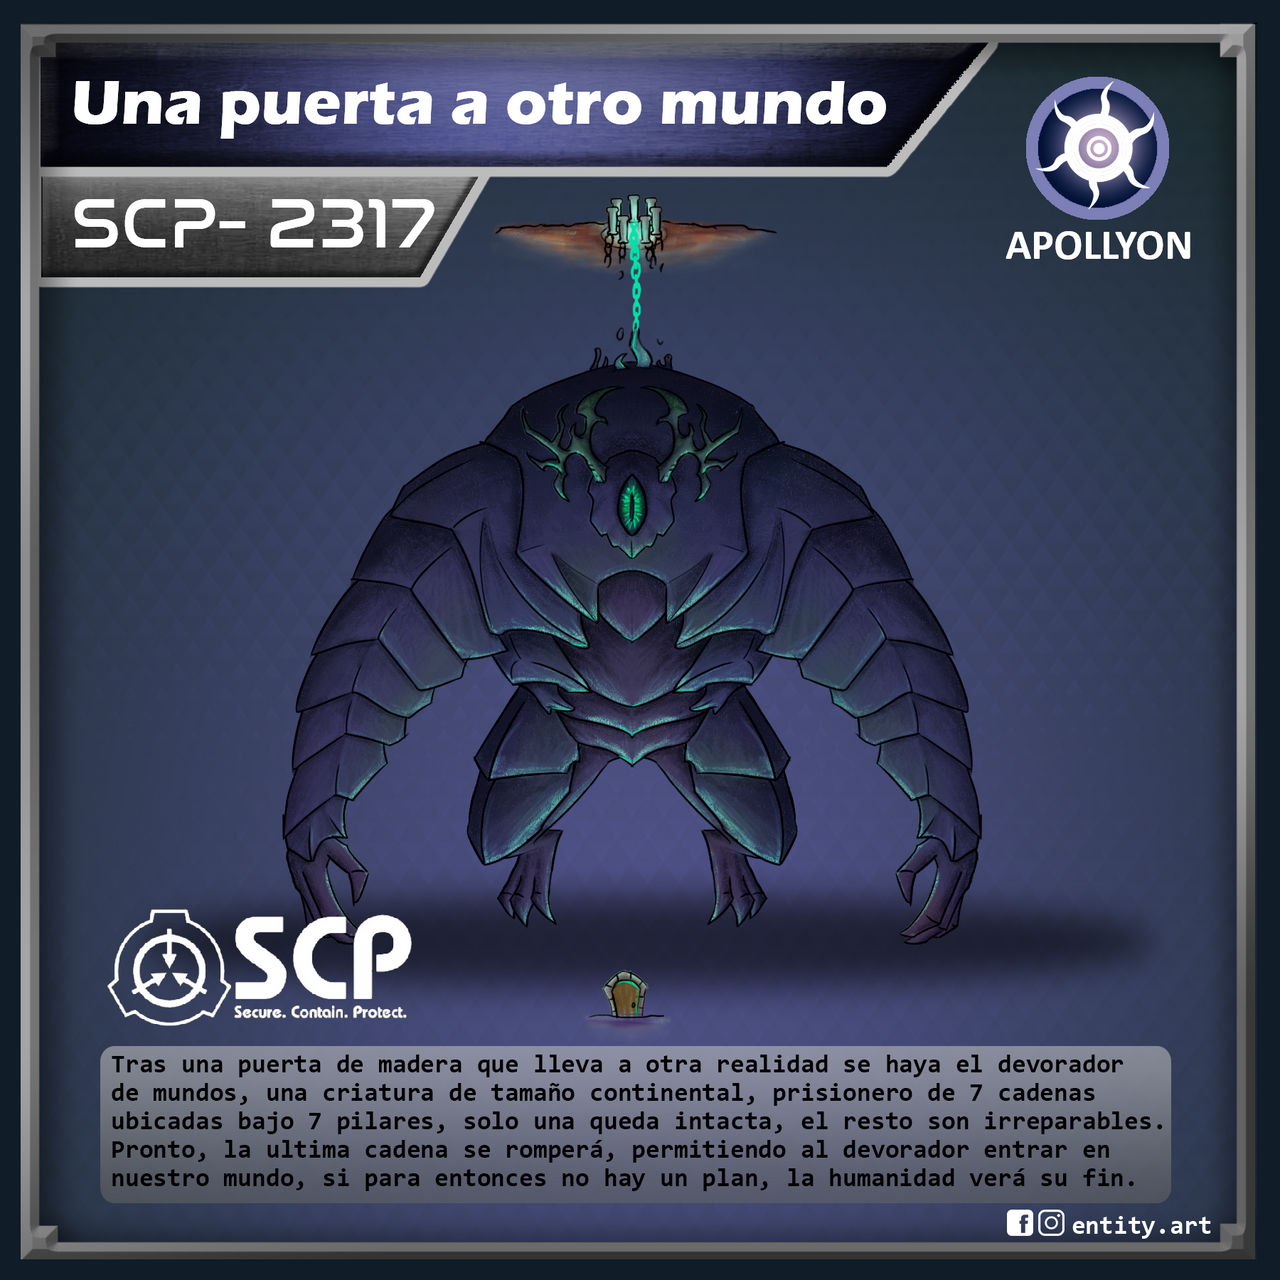 scp_2317_by_vinevin_de88nkg-fullview.jpg?token=eyJ0eXAiOiJKV1QiLCJhbGciOiJIUzI1NiJ9.eyJzdWIiOiJ1cm46YXBwOiIsImlzcyI6InVybjphcHA6Iiwib2JqIjpbW3siaGVpZ2h0IjoiPD0xMjgwIiwicGF0aCI6IlwvZlwvNDhmZWZhNTMtZjI5MC00NTBmLWFhYjItYWIxYWE0YTE1M2ExXC9kZTg4bmtnLWQ3NGNiNmNjLThlZTMtNGM5NS04OWYxLWE3ZDM0YjkzMjJmMS5wbmciLCJ3aWR0aCI6Ijw9MTI4MCJ9XV0sImF1ZCI6WyJ1cm46c2VydmljZTppbWFnZS5vcGVyYXRpb25zIl19.LUNCh0J_491fH7LRQRTZU3A45XzIVnMPqtBNOxMGoAY